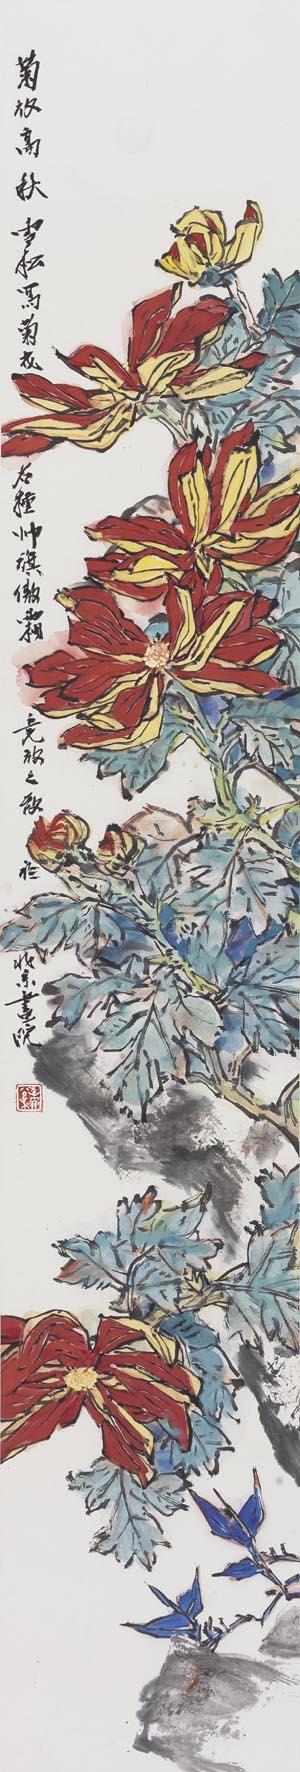 李雪松《瑞花系列之六》  138x23cm  2015年 .jpg